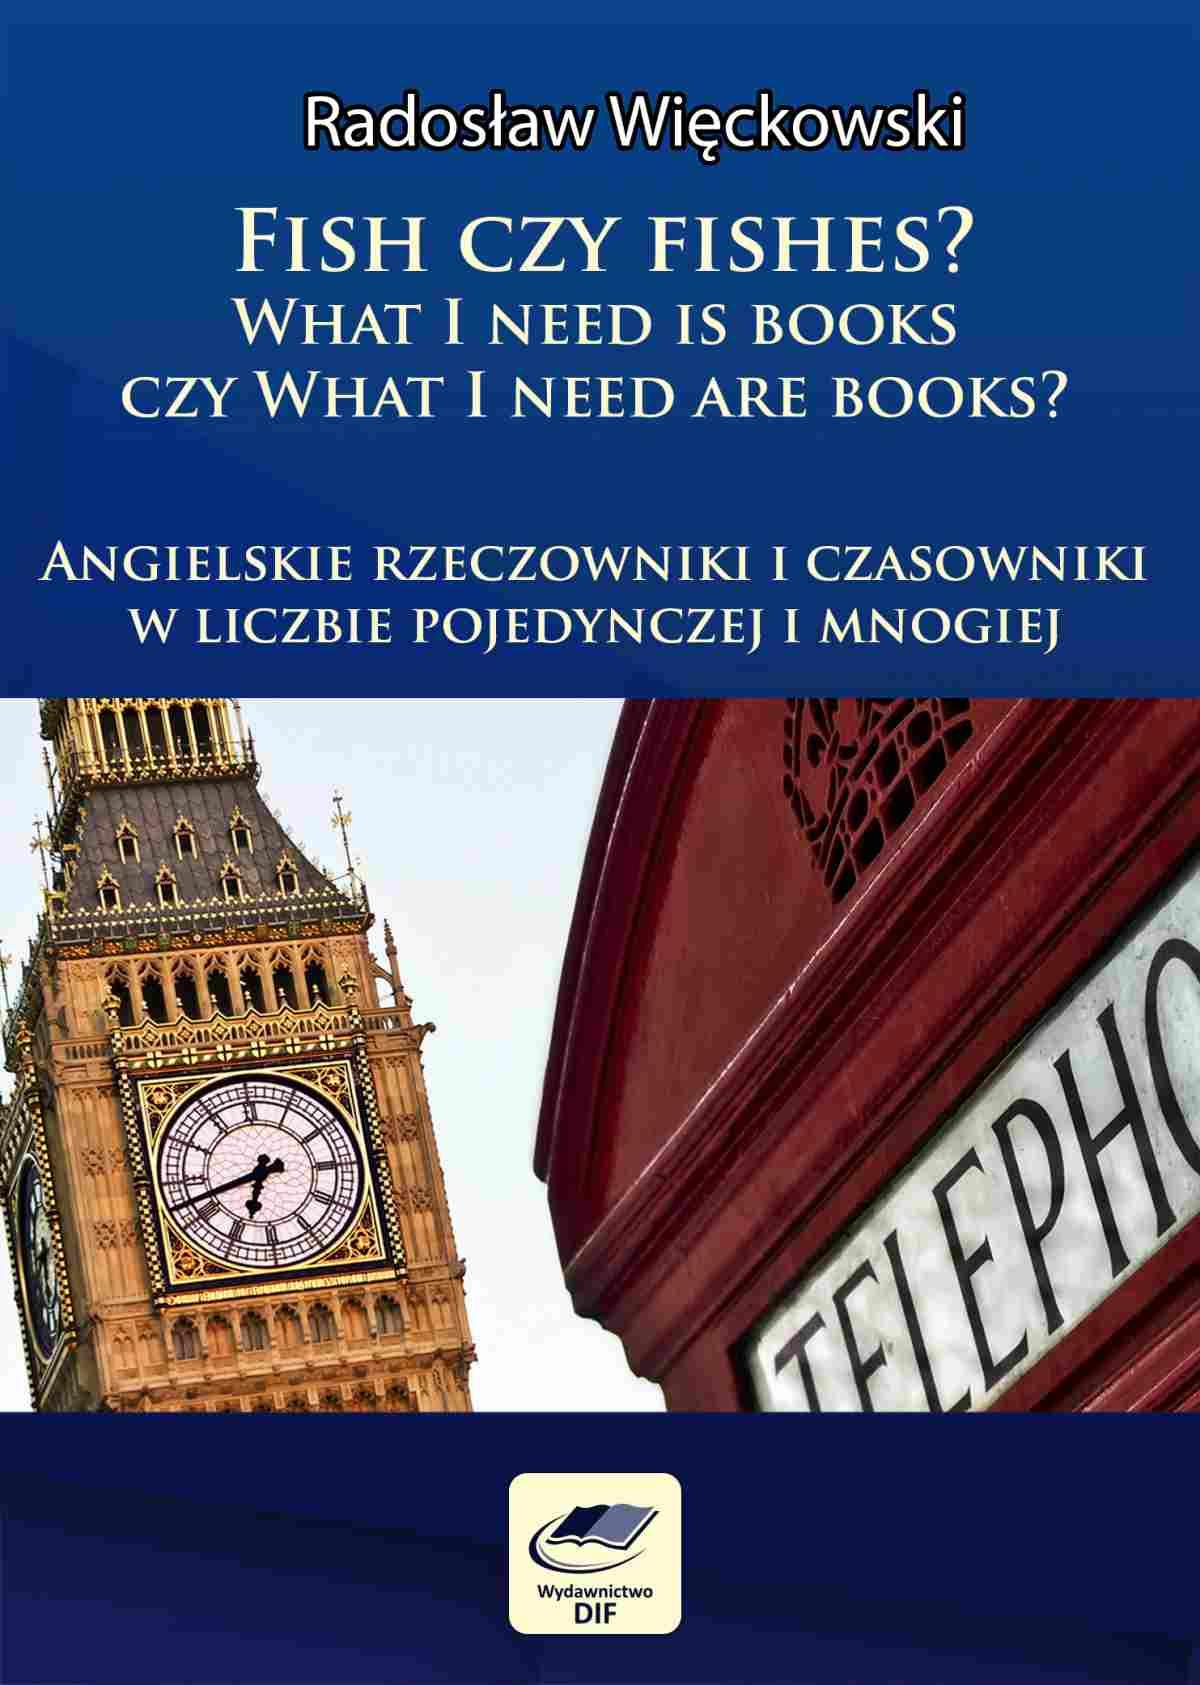 Fish czy fishes. What I need is books czy What I need are books. Angielskie rzeczowniki i czasowniki w liczbie pojedynczej i mnogiej - Ebook (Książka PDF) do pobrania w formacie PDF